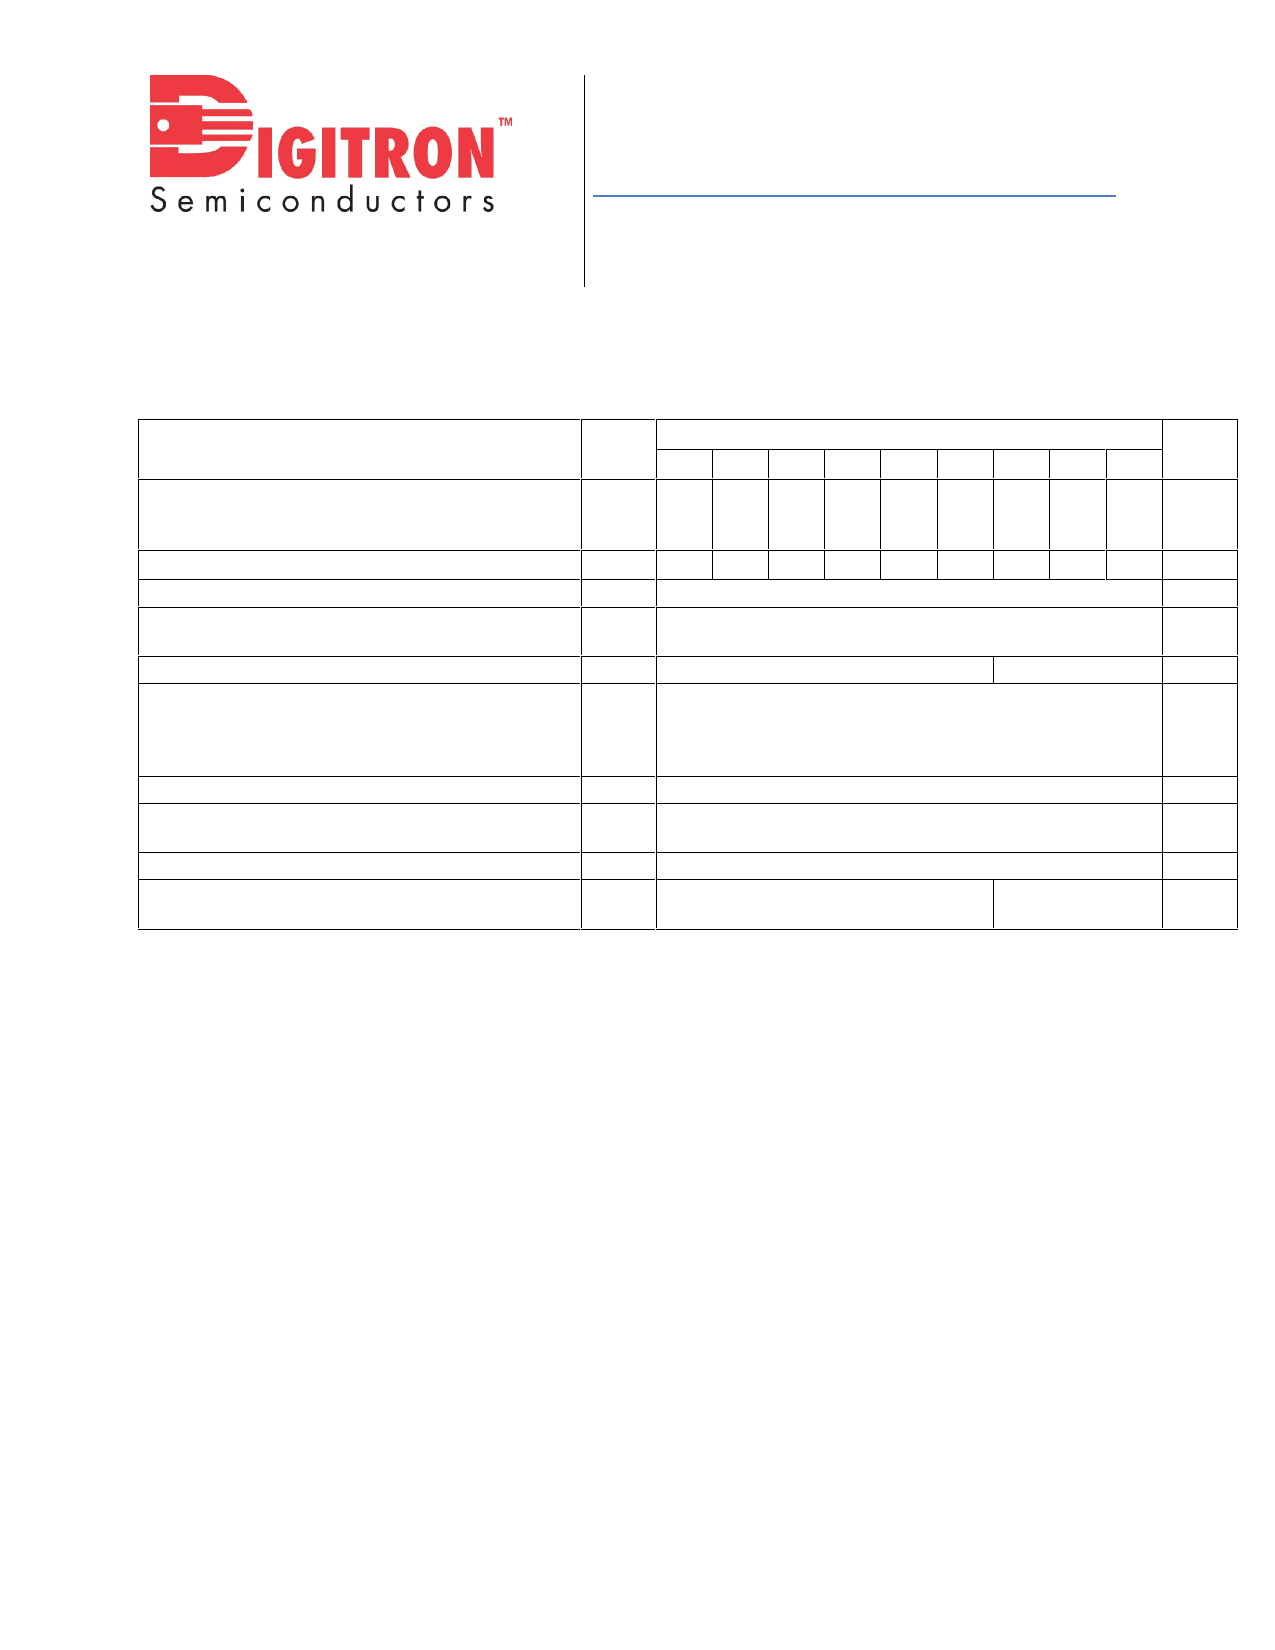 UFR100 데이터시트 및 UFR100 PDF